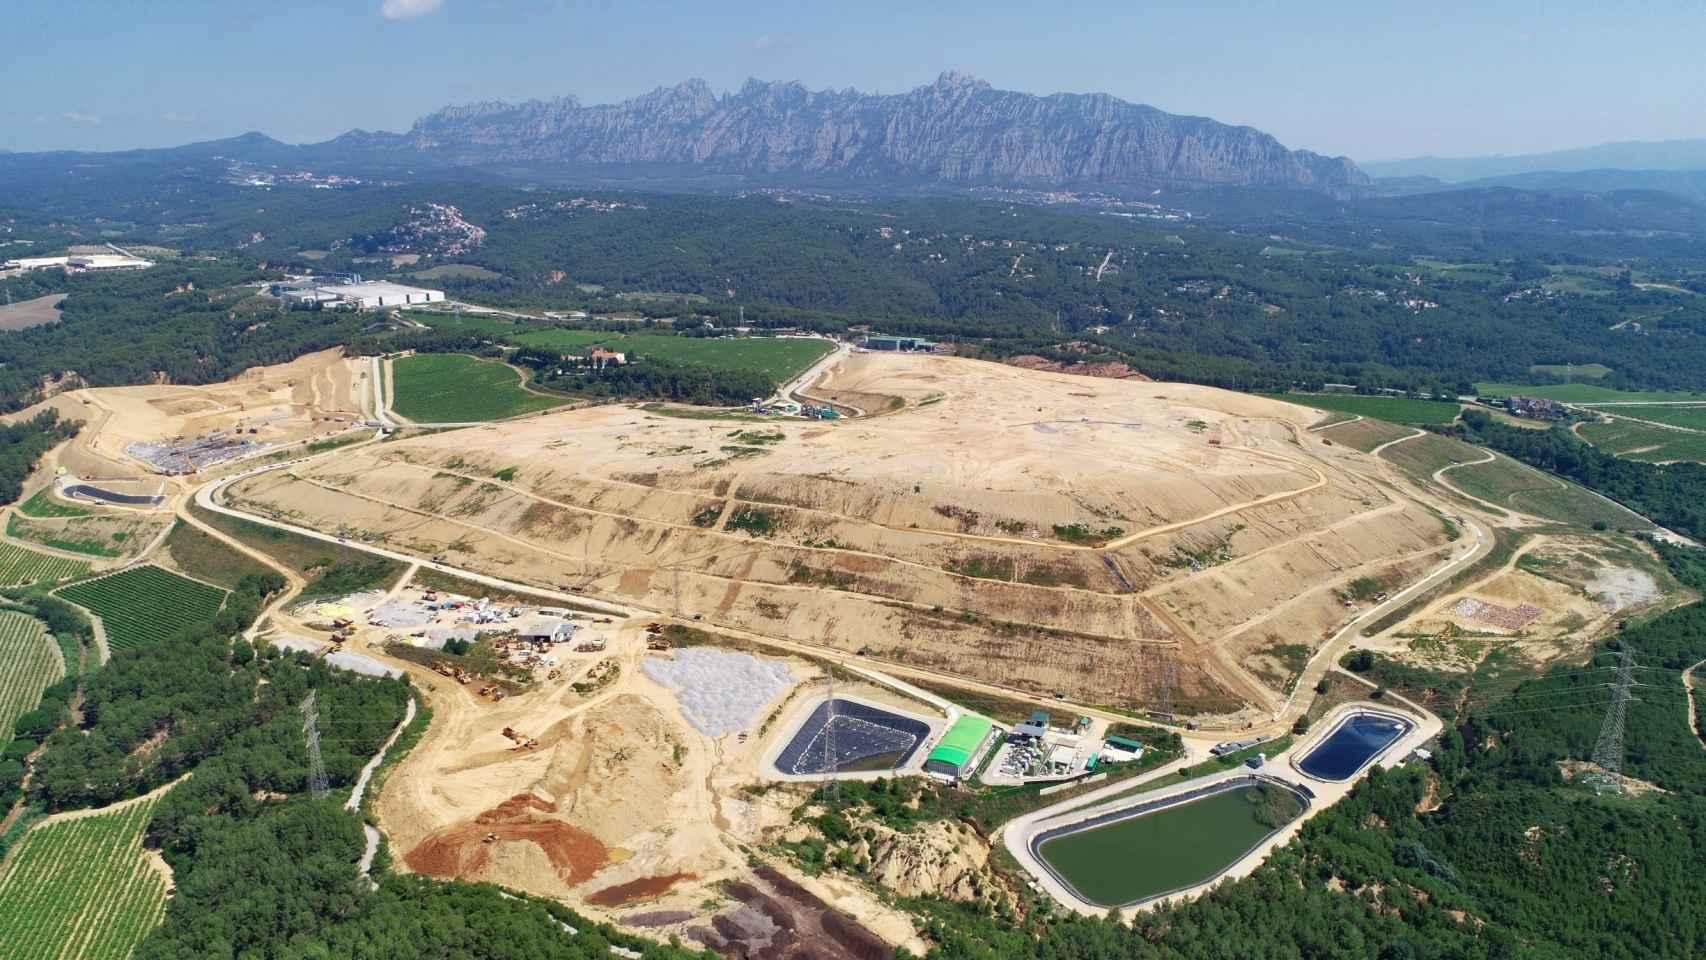 Naturgy desarrolla proyectos de gas renovable: biometano en vertederos y depósitos de residuos